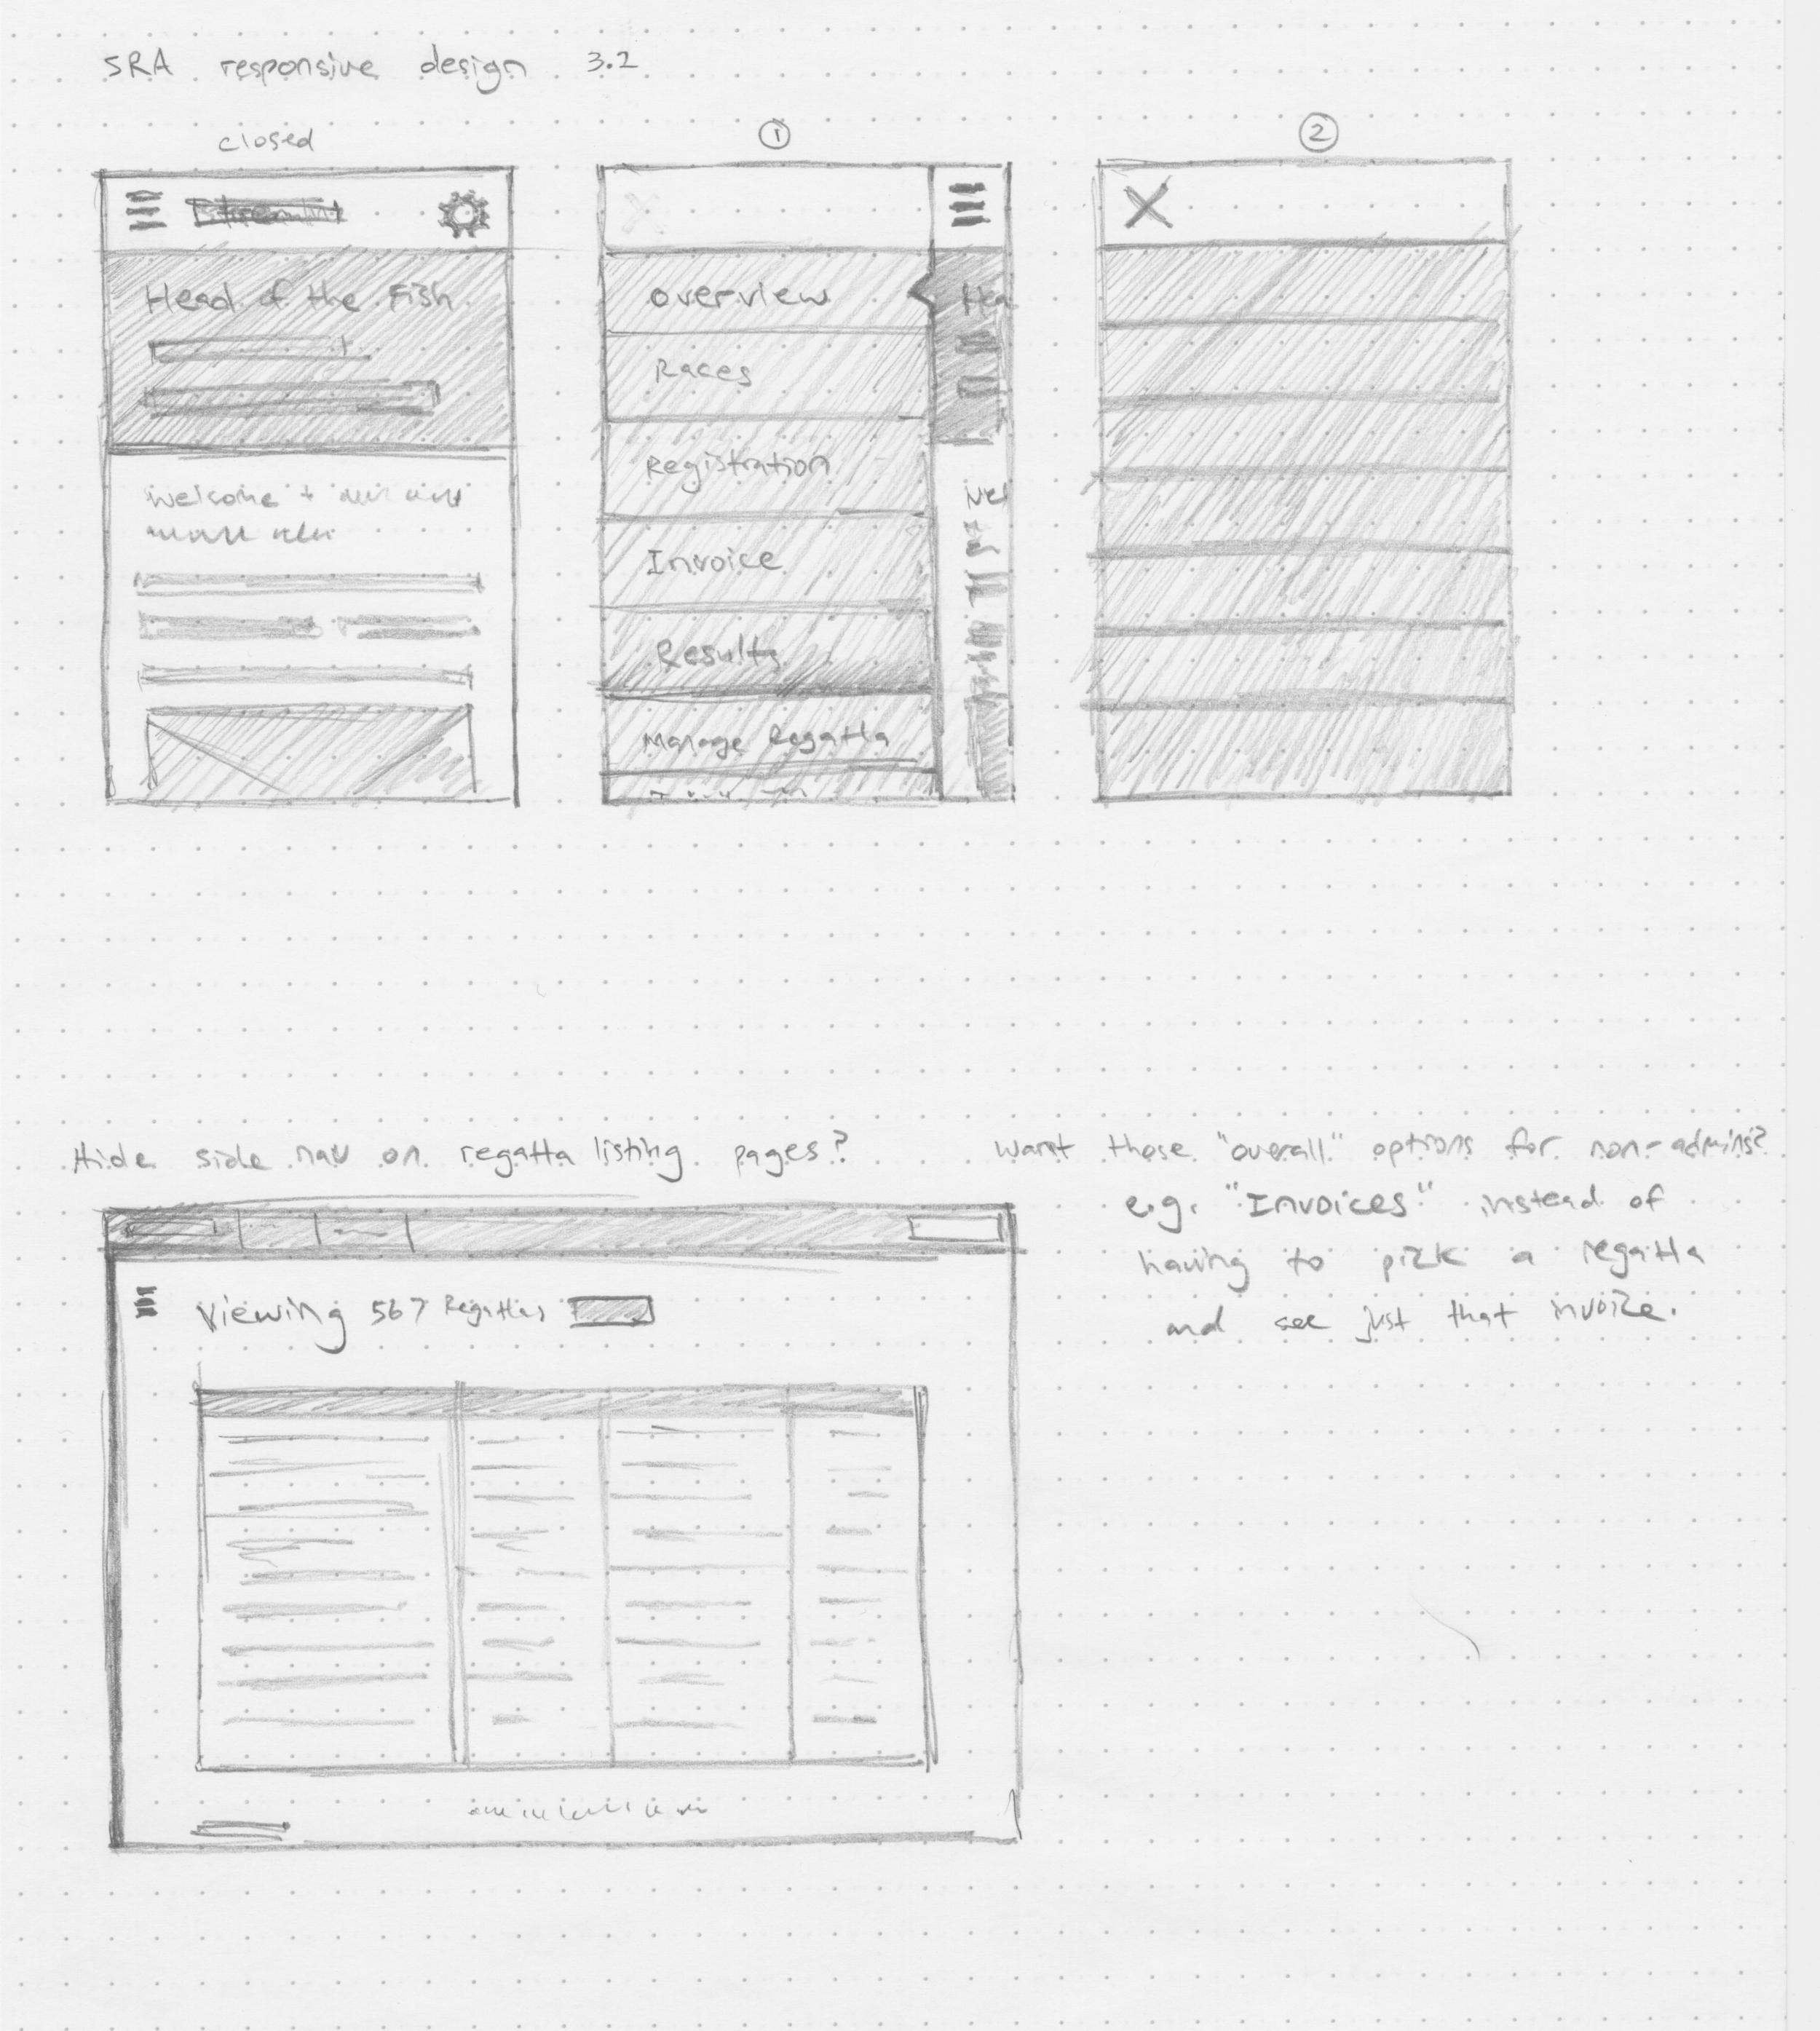 Responsive menu sketch